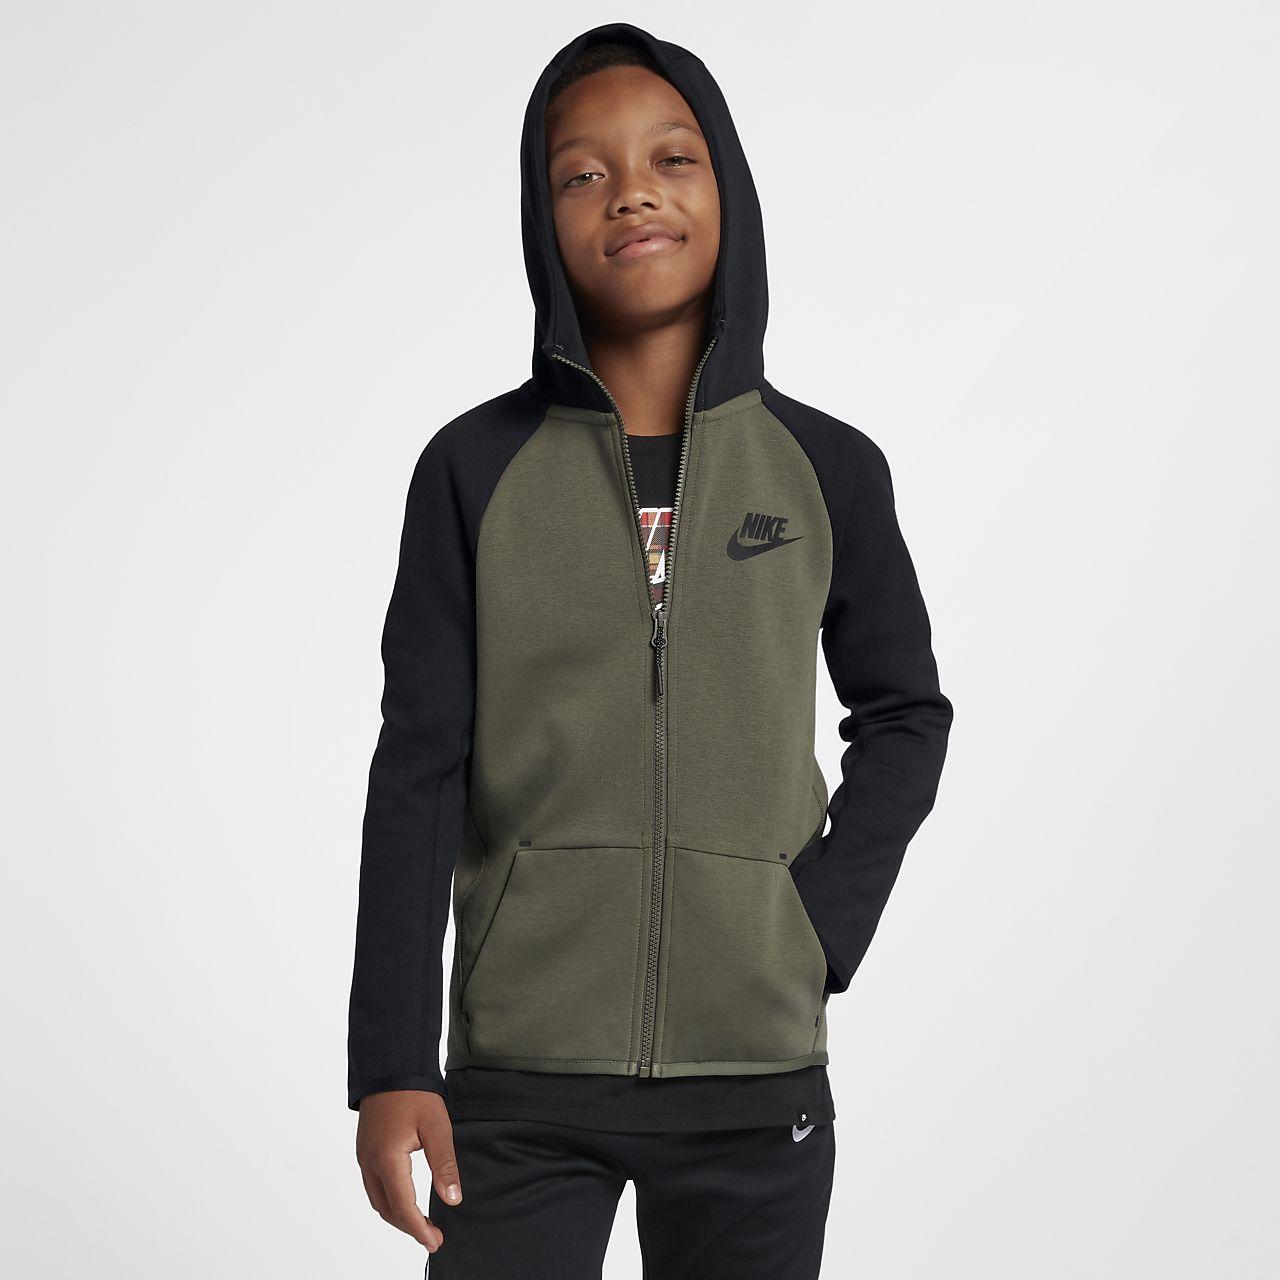 Nike Sportswear Tech Fleece Older Kids  Full-Zip Jacket. Nike.com LU 25db4d0d3f